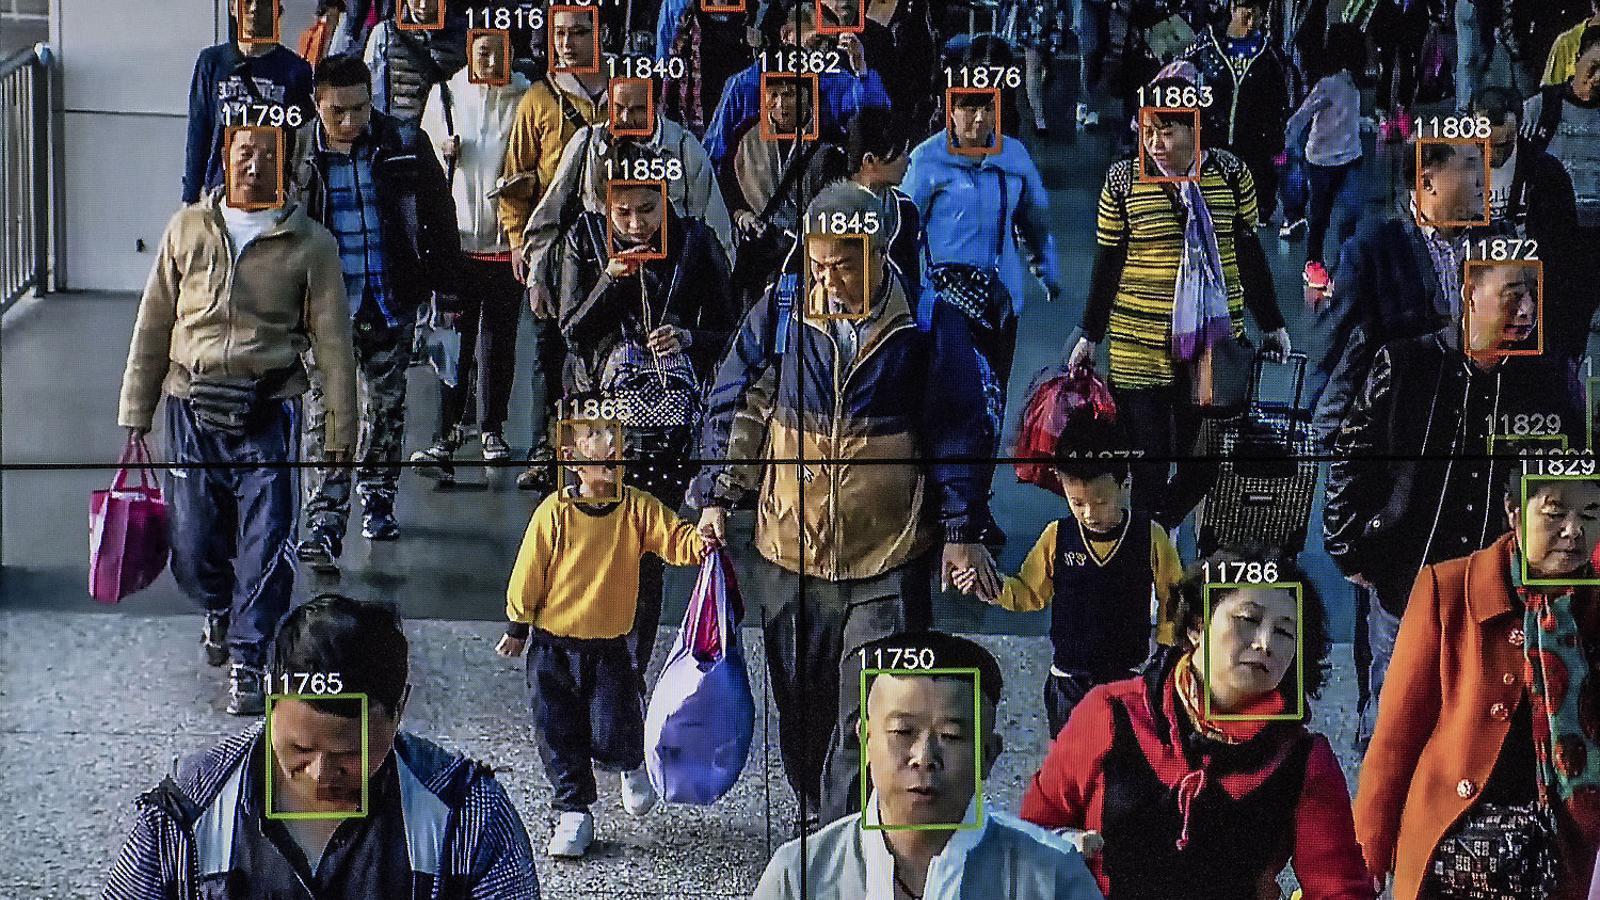 Vídeo que mostra el programari de reconeixement facial en ús a la seu de l'empresa d'intel·ligència artificial Megvii, a Pequín, ciutat que es gasta milers de milions de dòlars en el reconeixement facial per rastrejar la gent.